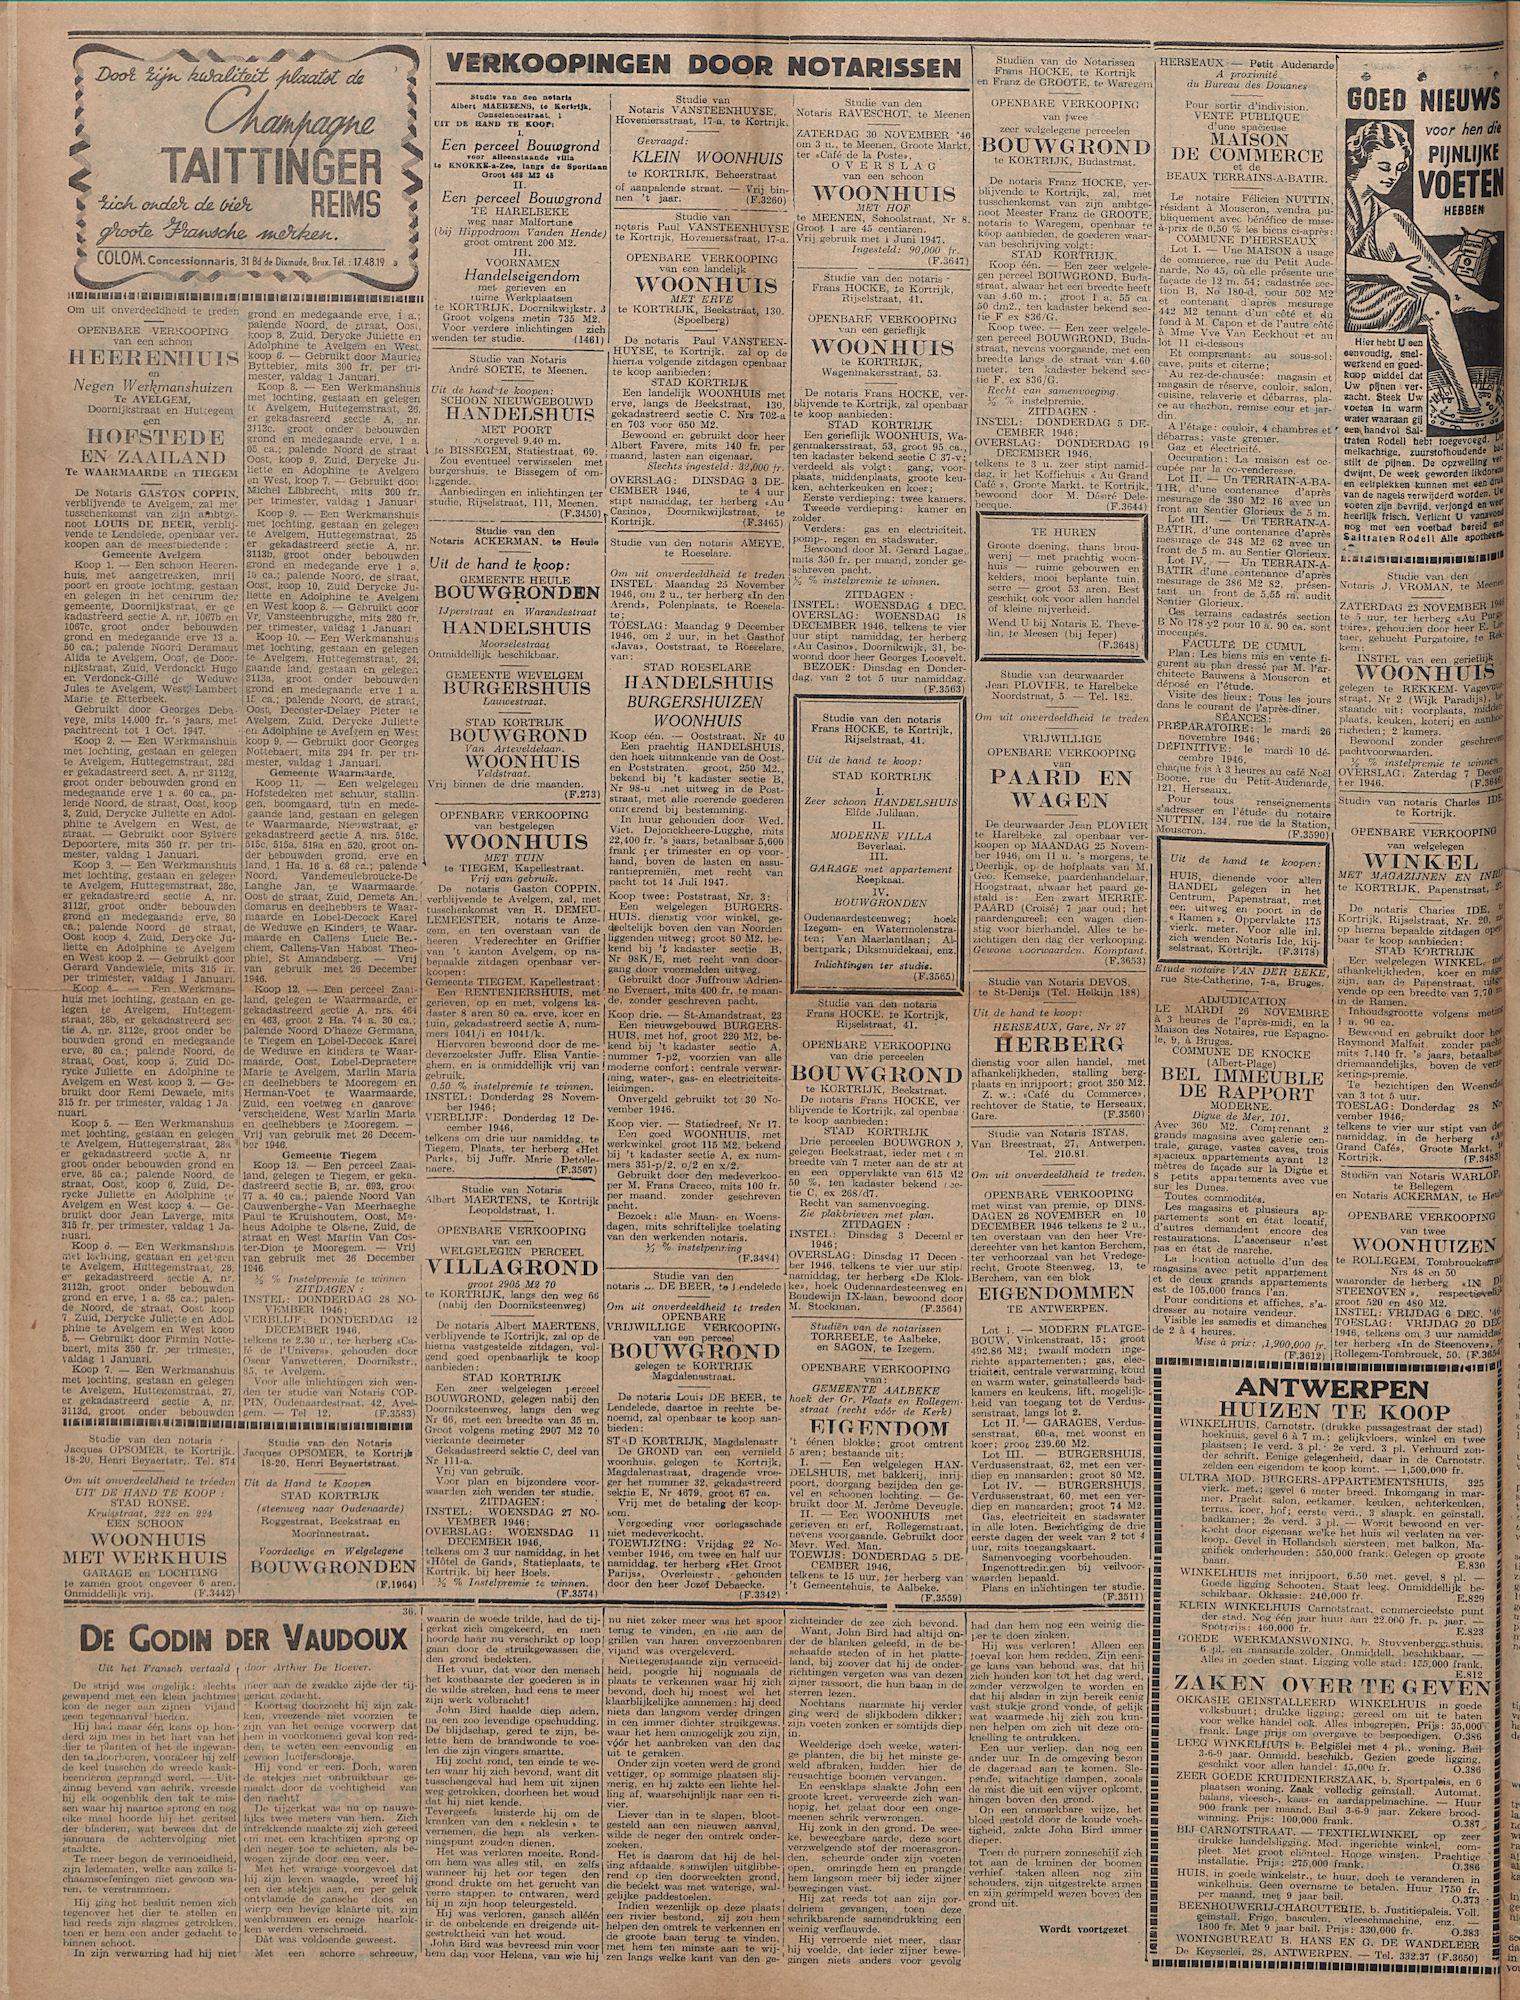 Kortrijksch Handelsblad 22 november 1946 Nr94 p4